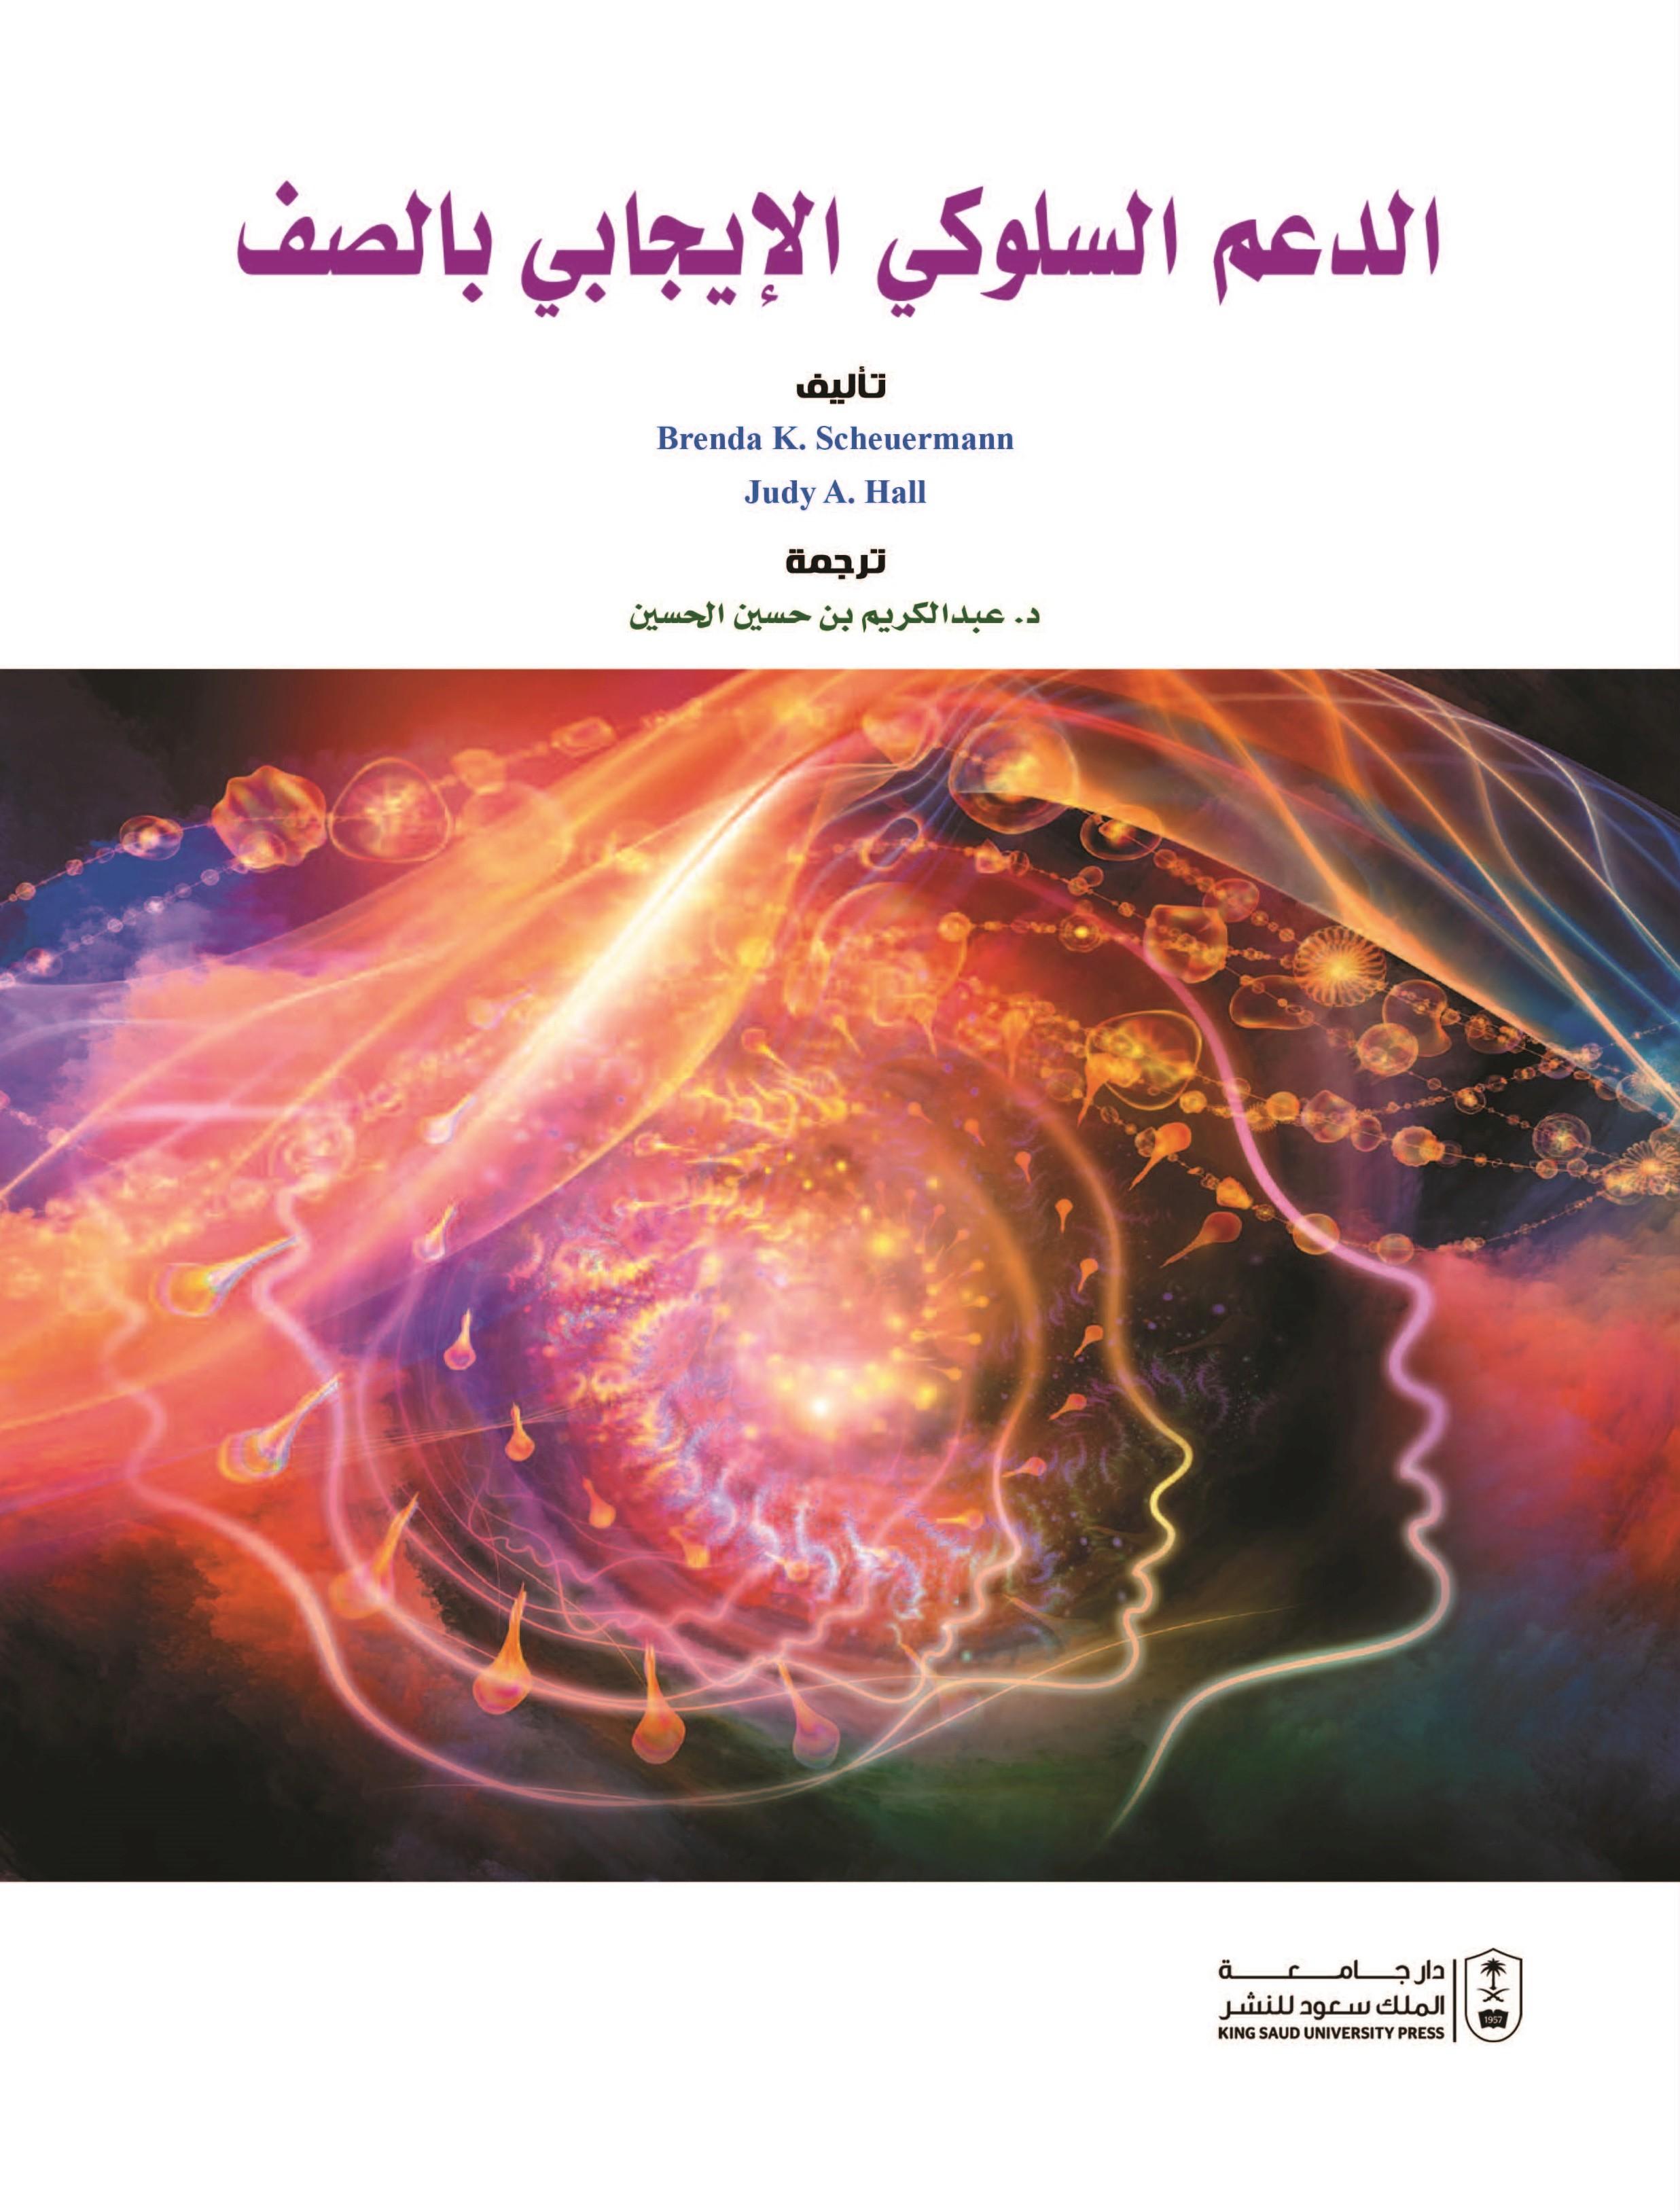 الدعم السلوكي الإيجابي بالصف  Brenda K. Scheuerman المترجم: عبد الكريم حسين الحسن Bookph11